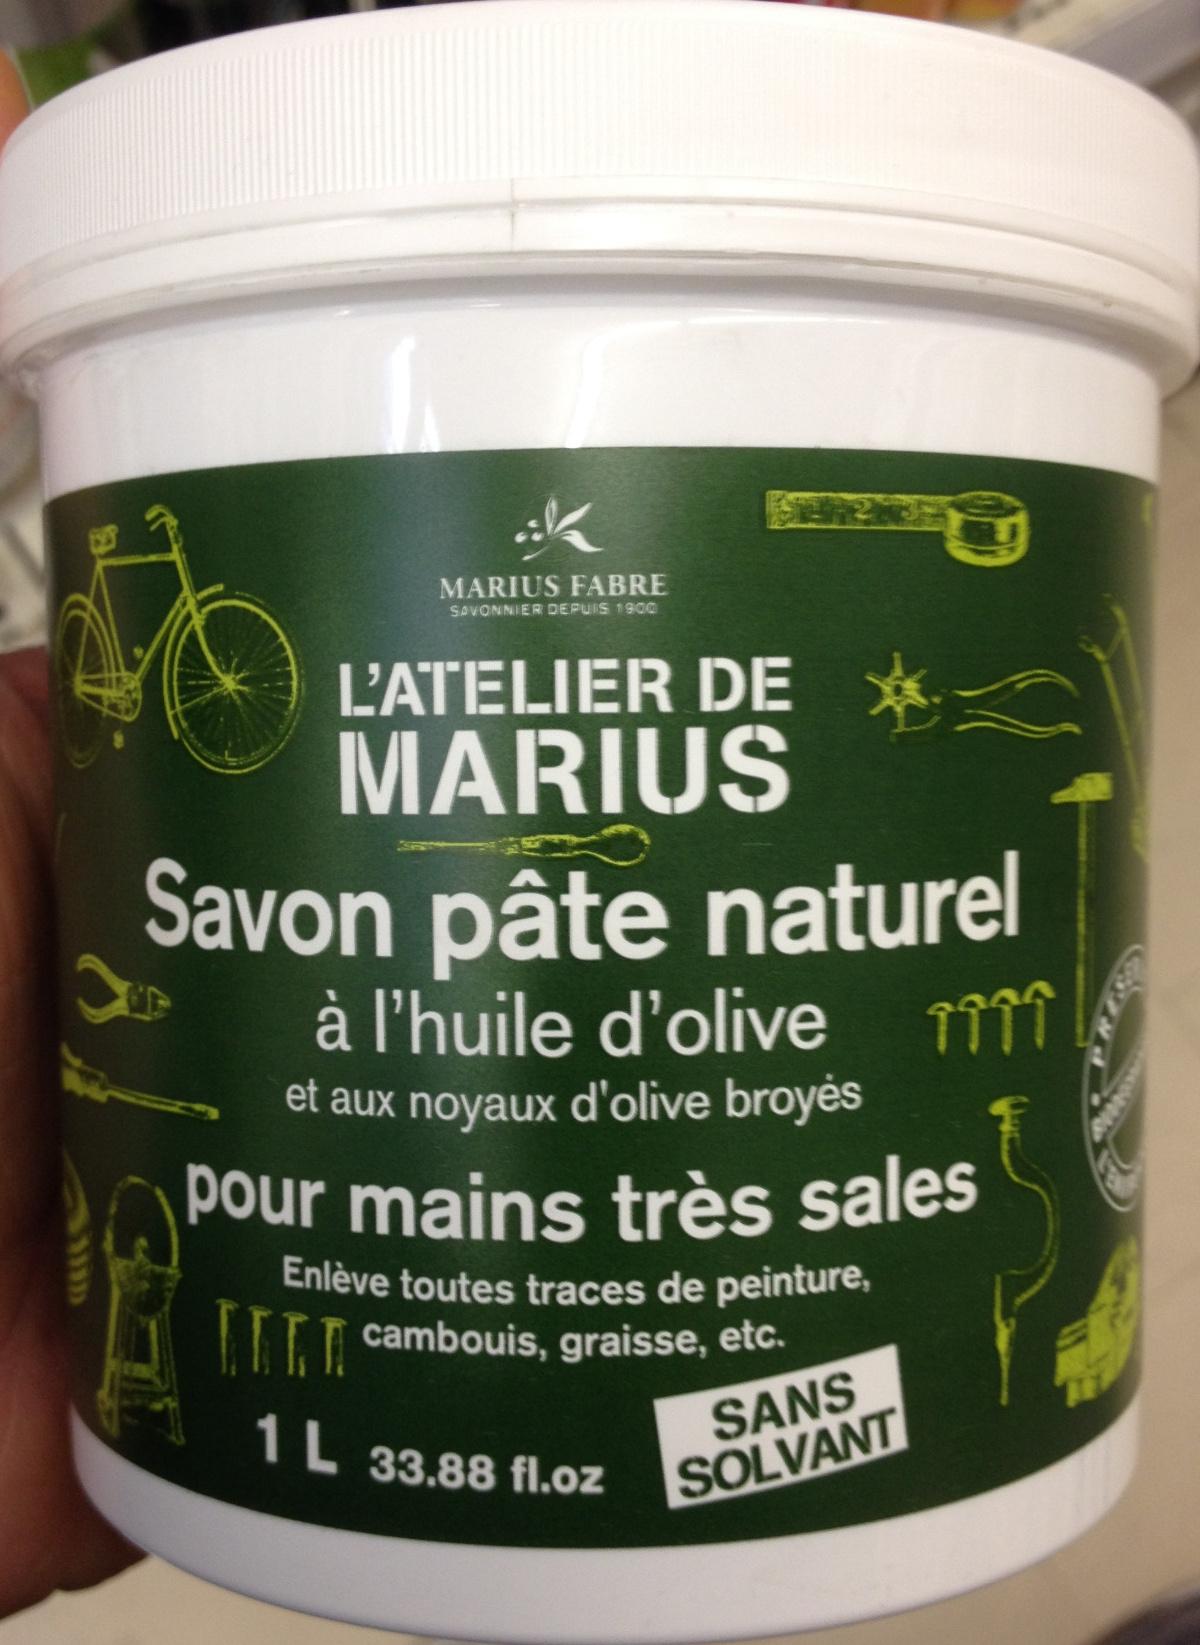 Savon pâte naturel à l'huile d'olive et aux noyaux d'olive broyés - Produit - fr